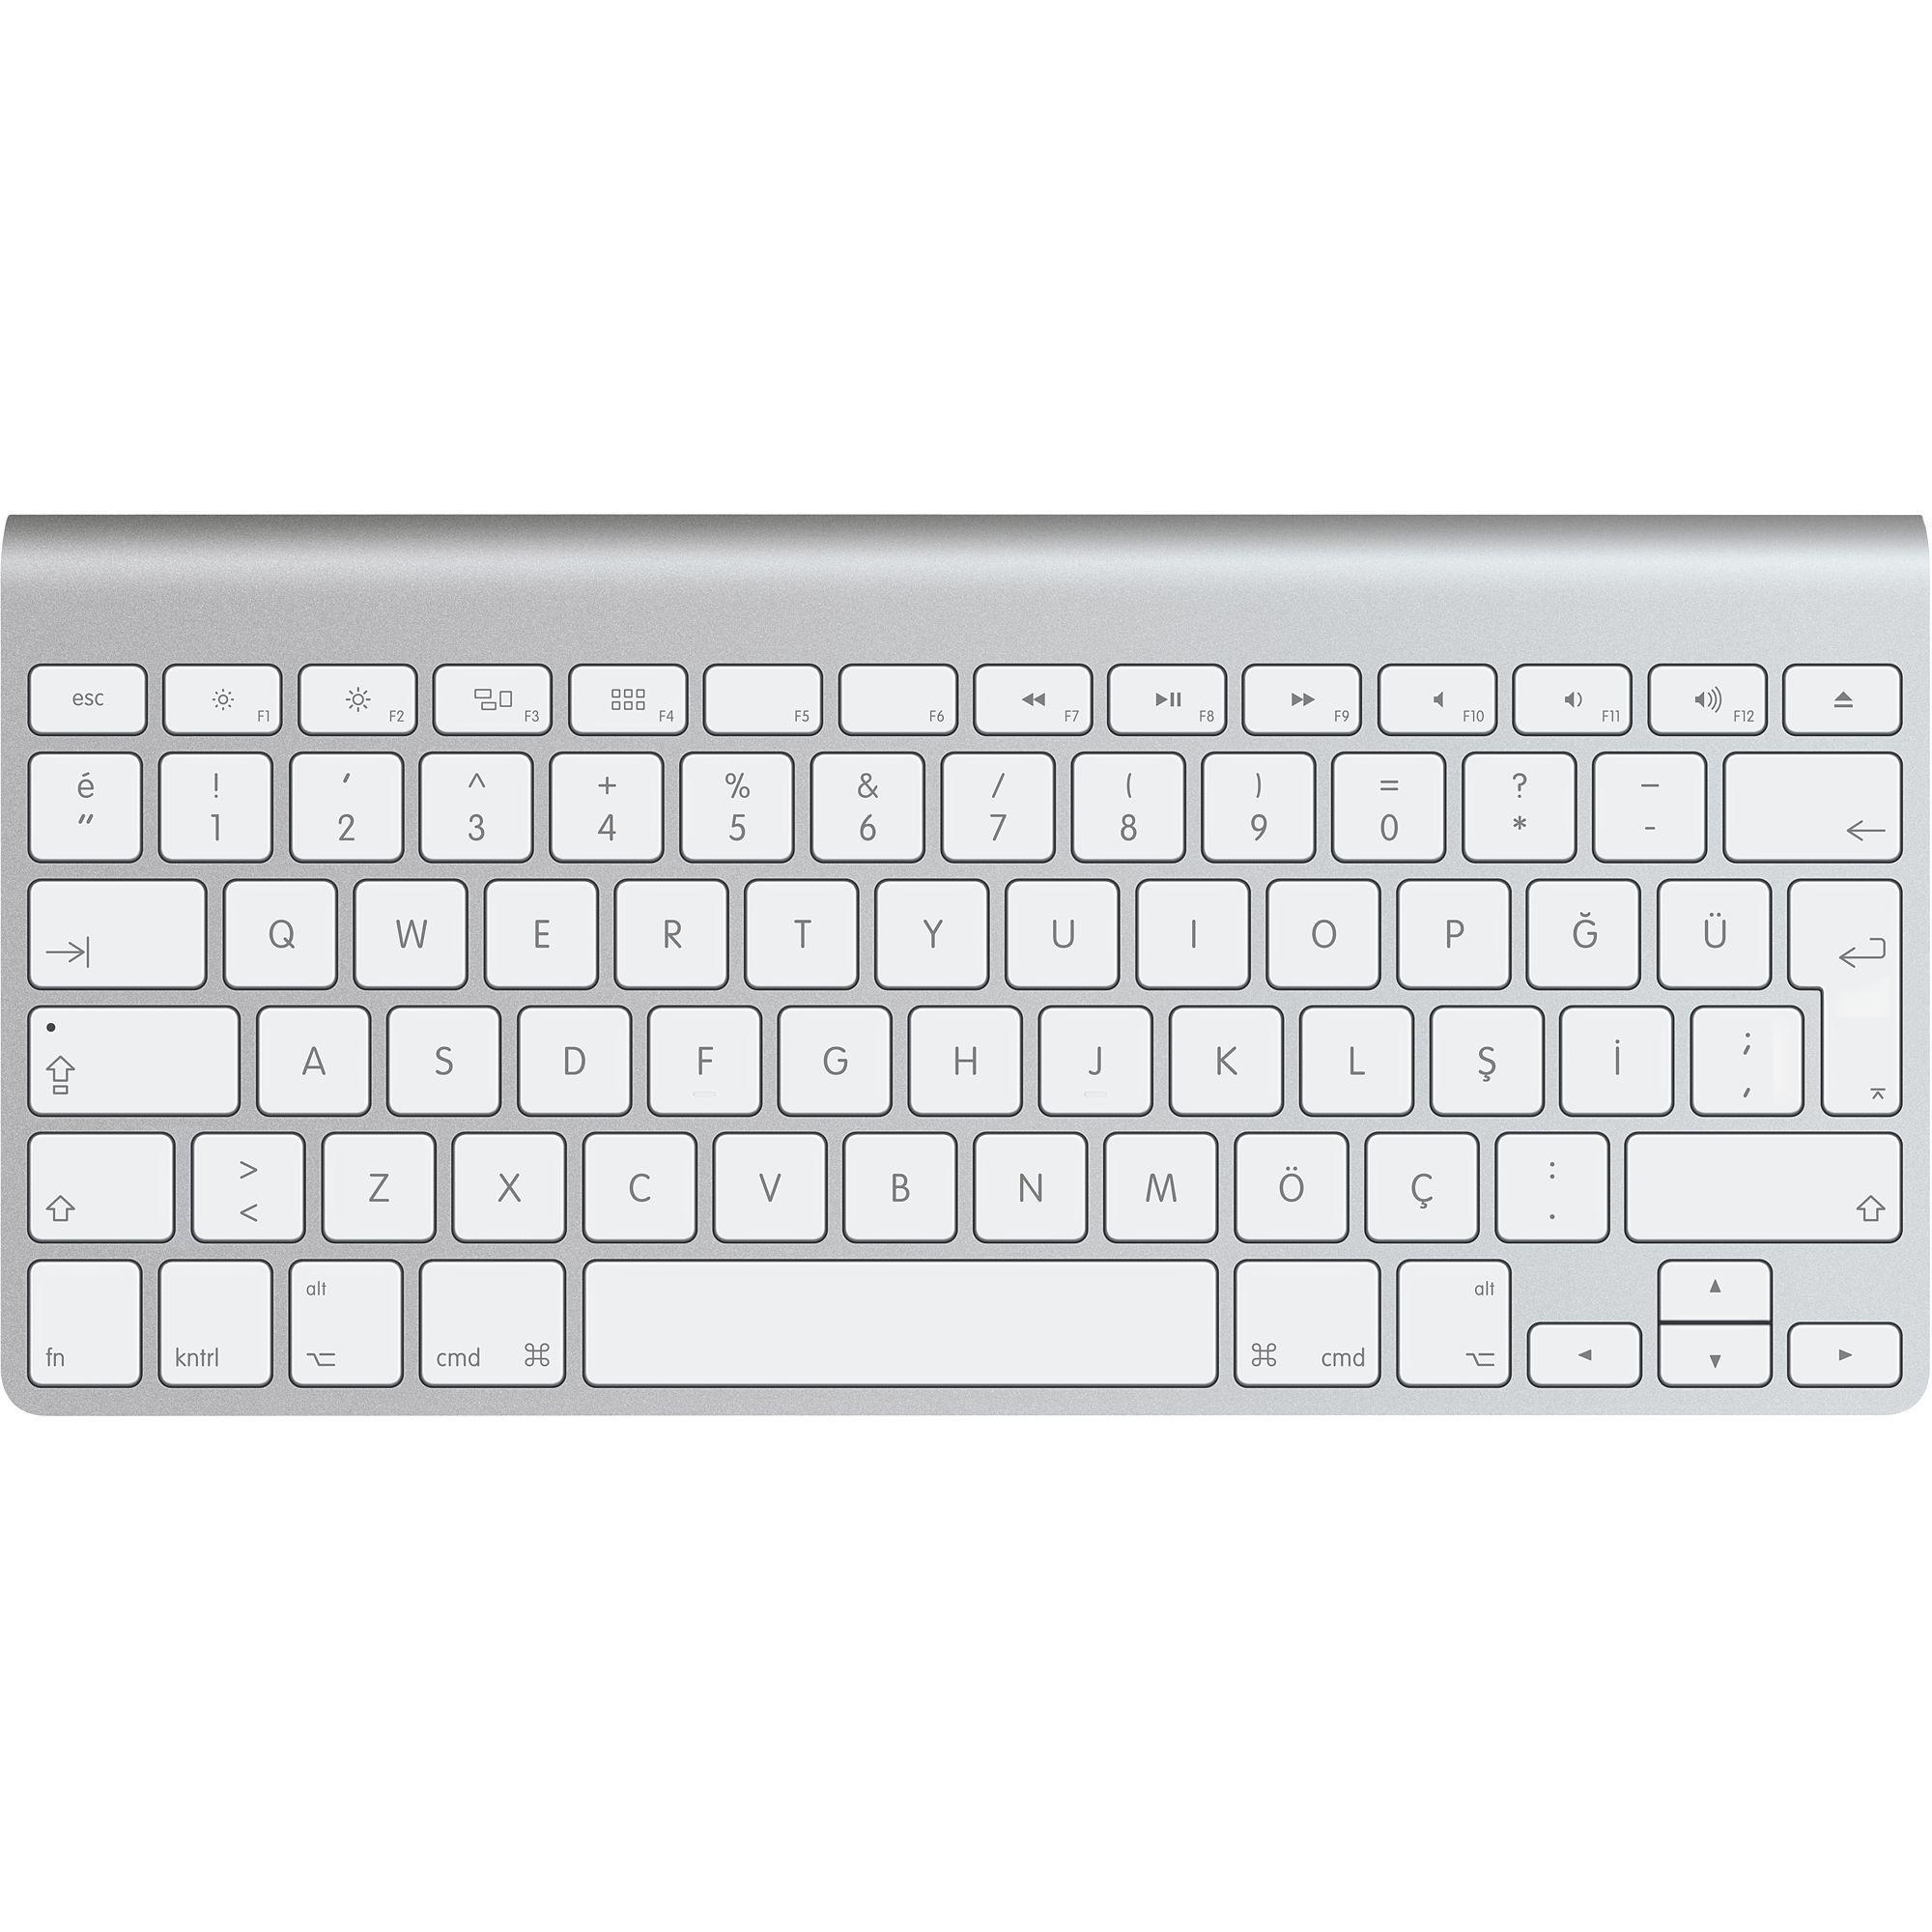 Worksheets Blank Computer Keyboard Worksheet apple wireless keyboard f klavye store store